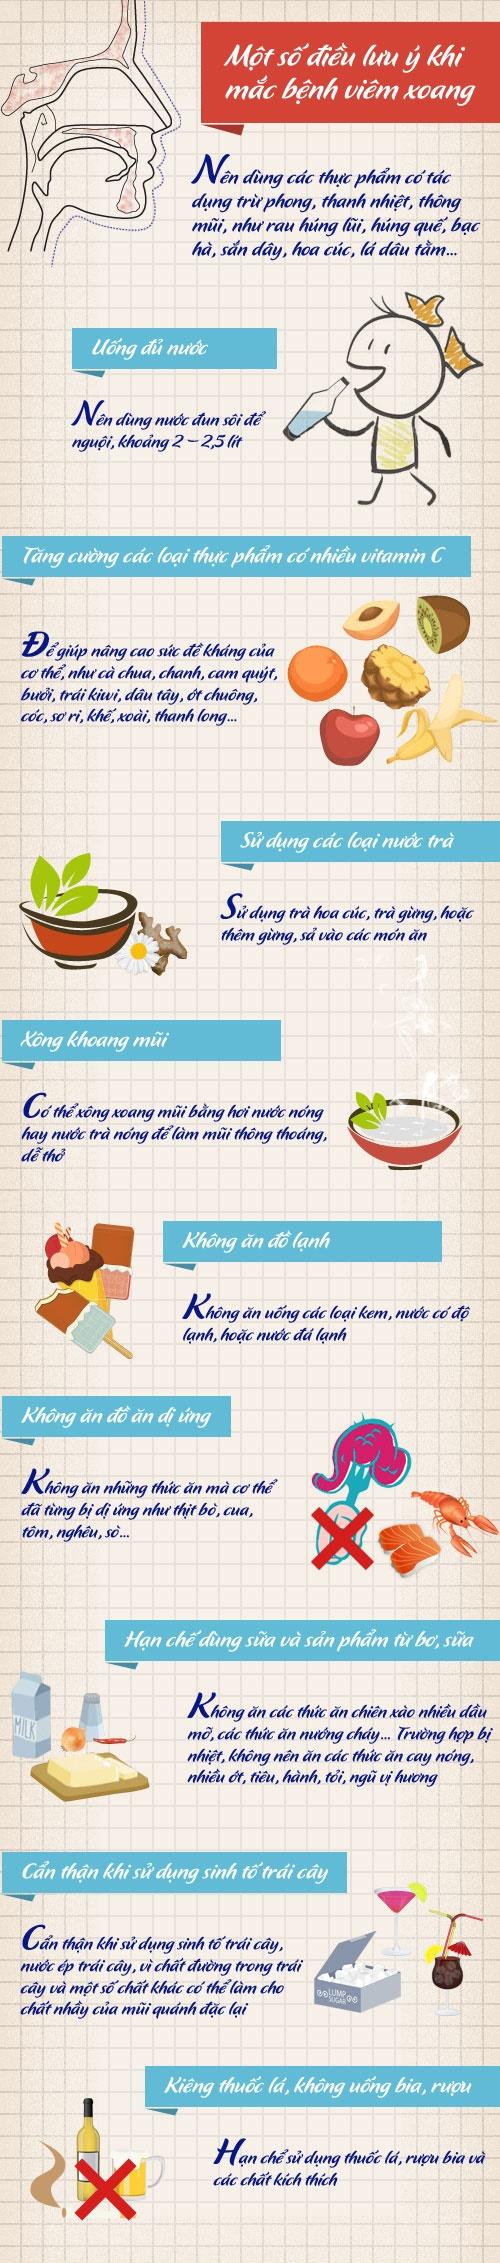 Người bệnh viêm xoang nên và không nên ăn gì?